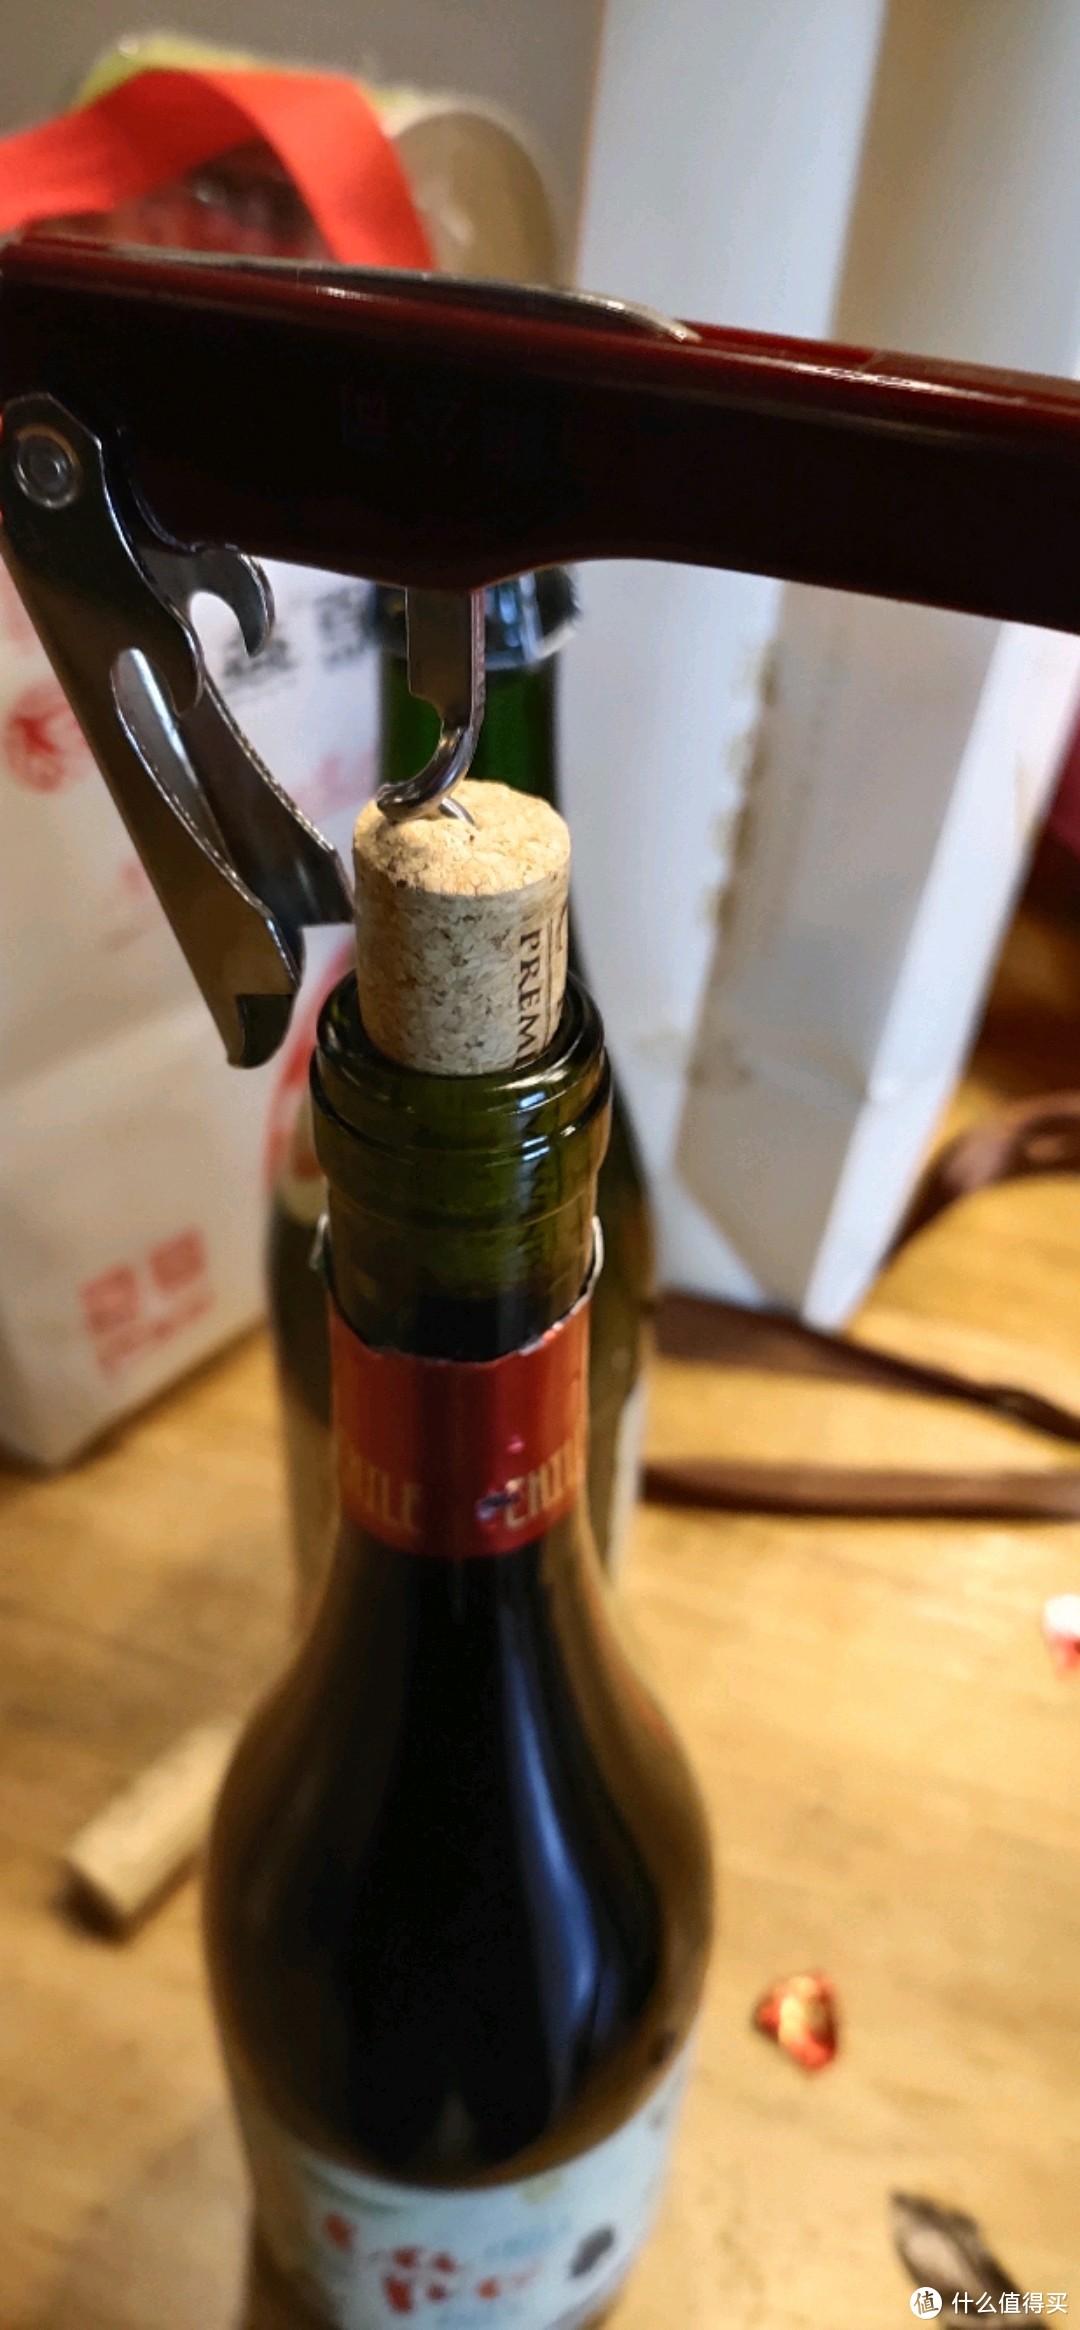 对入门更友好?来自新世界的智利ola po单一梅洛红葡萄酒酒桌实战试音